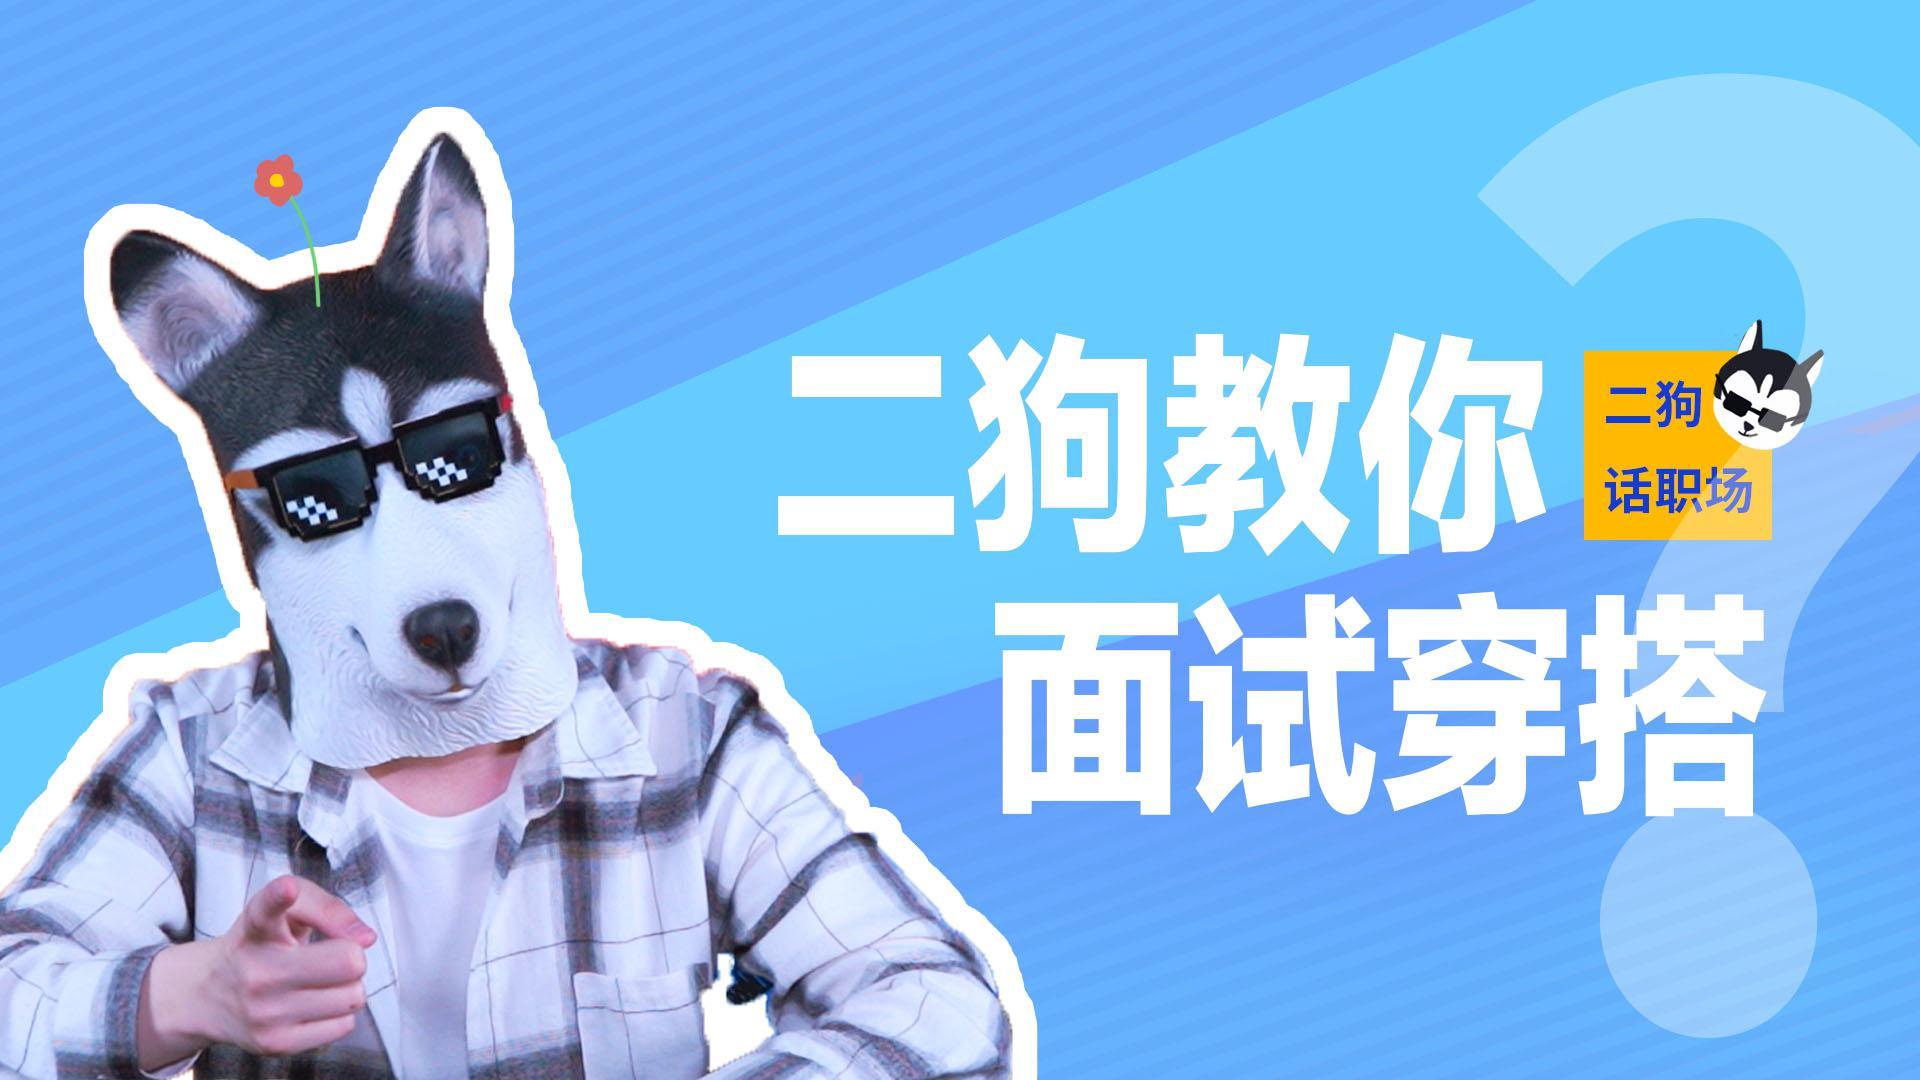 【二狗话职场】03:面试时如何穿搭更能获得面试官的青睐?